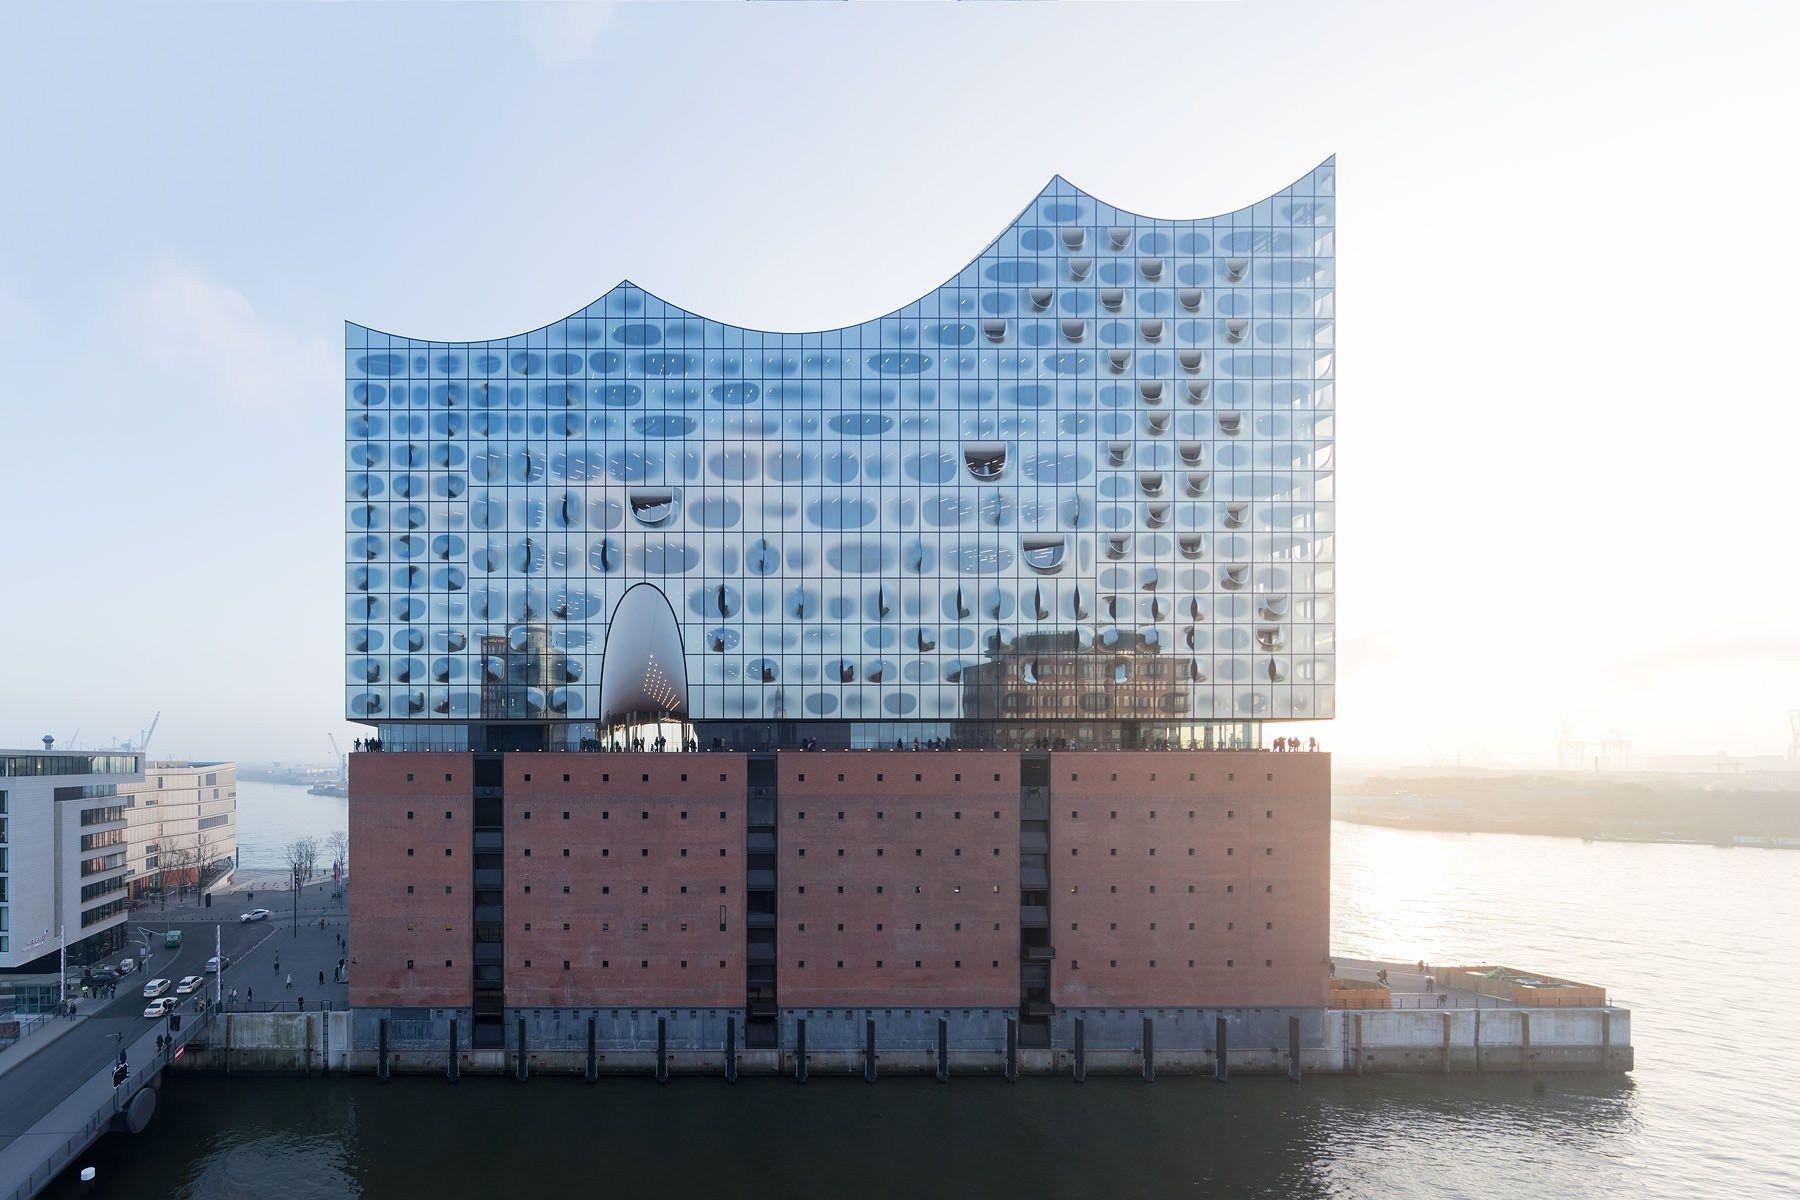 Elbphilharmonie Hamburg Herzog De Meuron Iwan Baan In 2020 Hotel Facade Hamburg Elbphilharmonie Hamburg